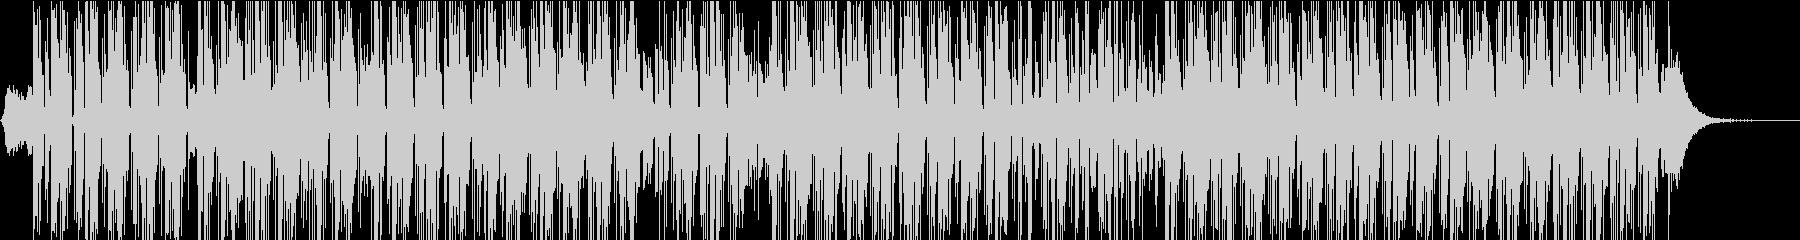 電気楽器。風変わりな、奇抜なグルー...の未再生の波形